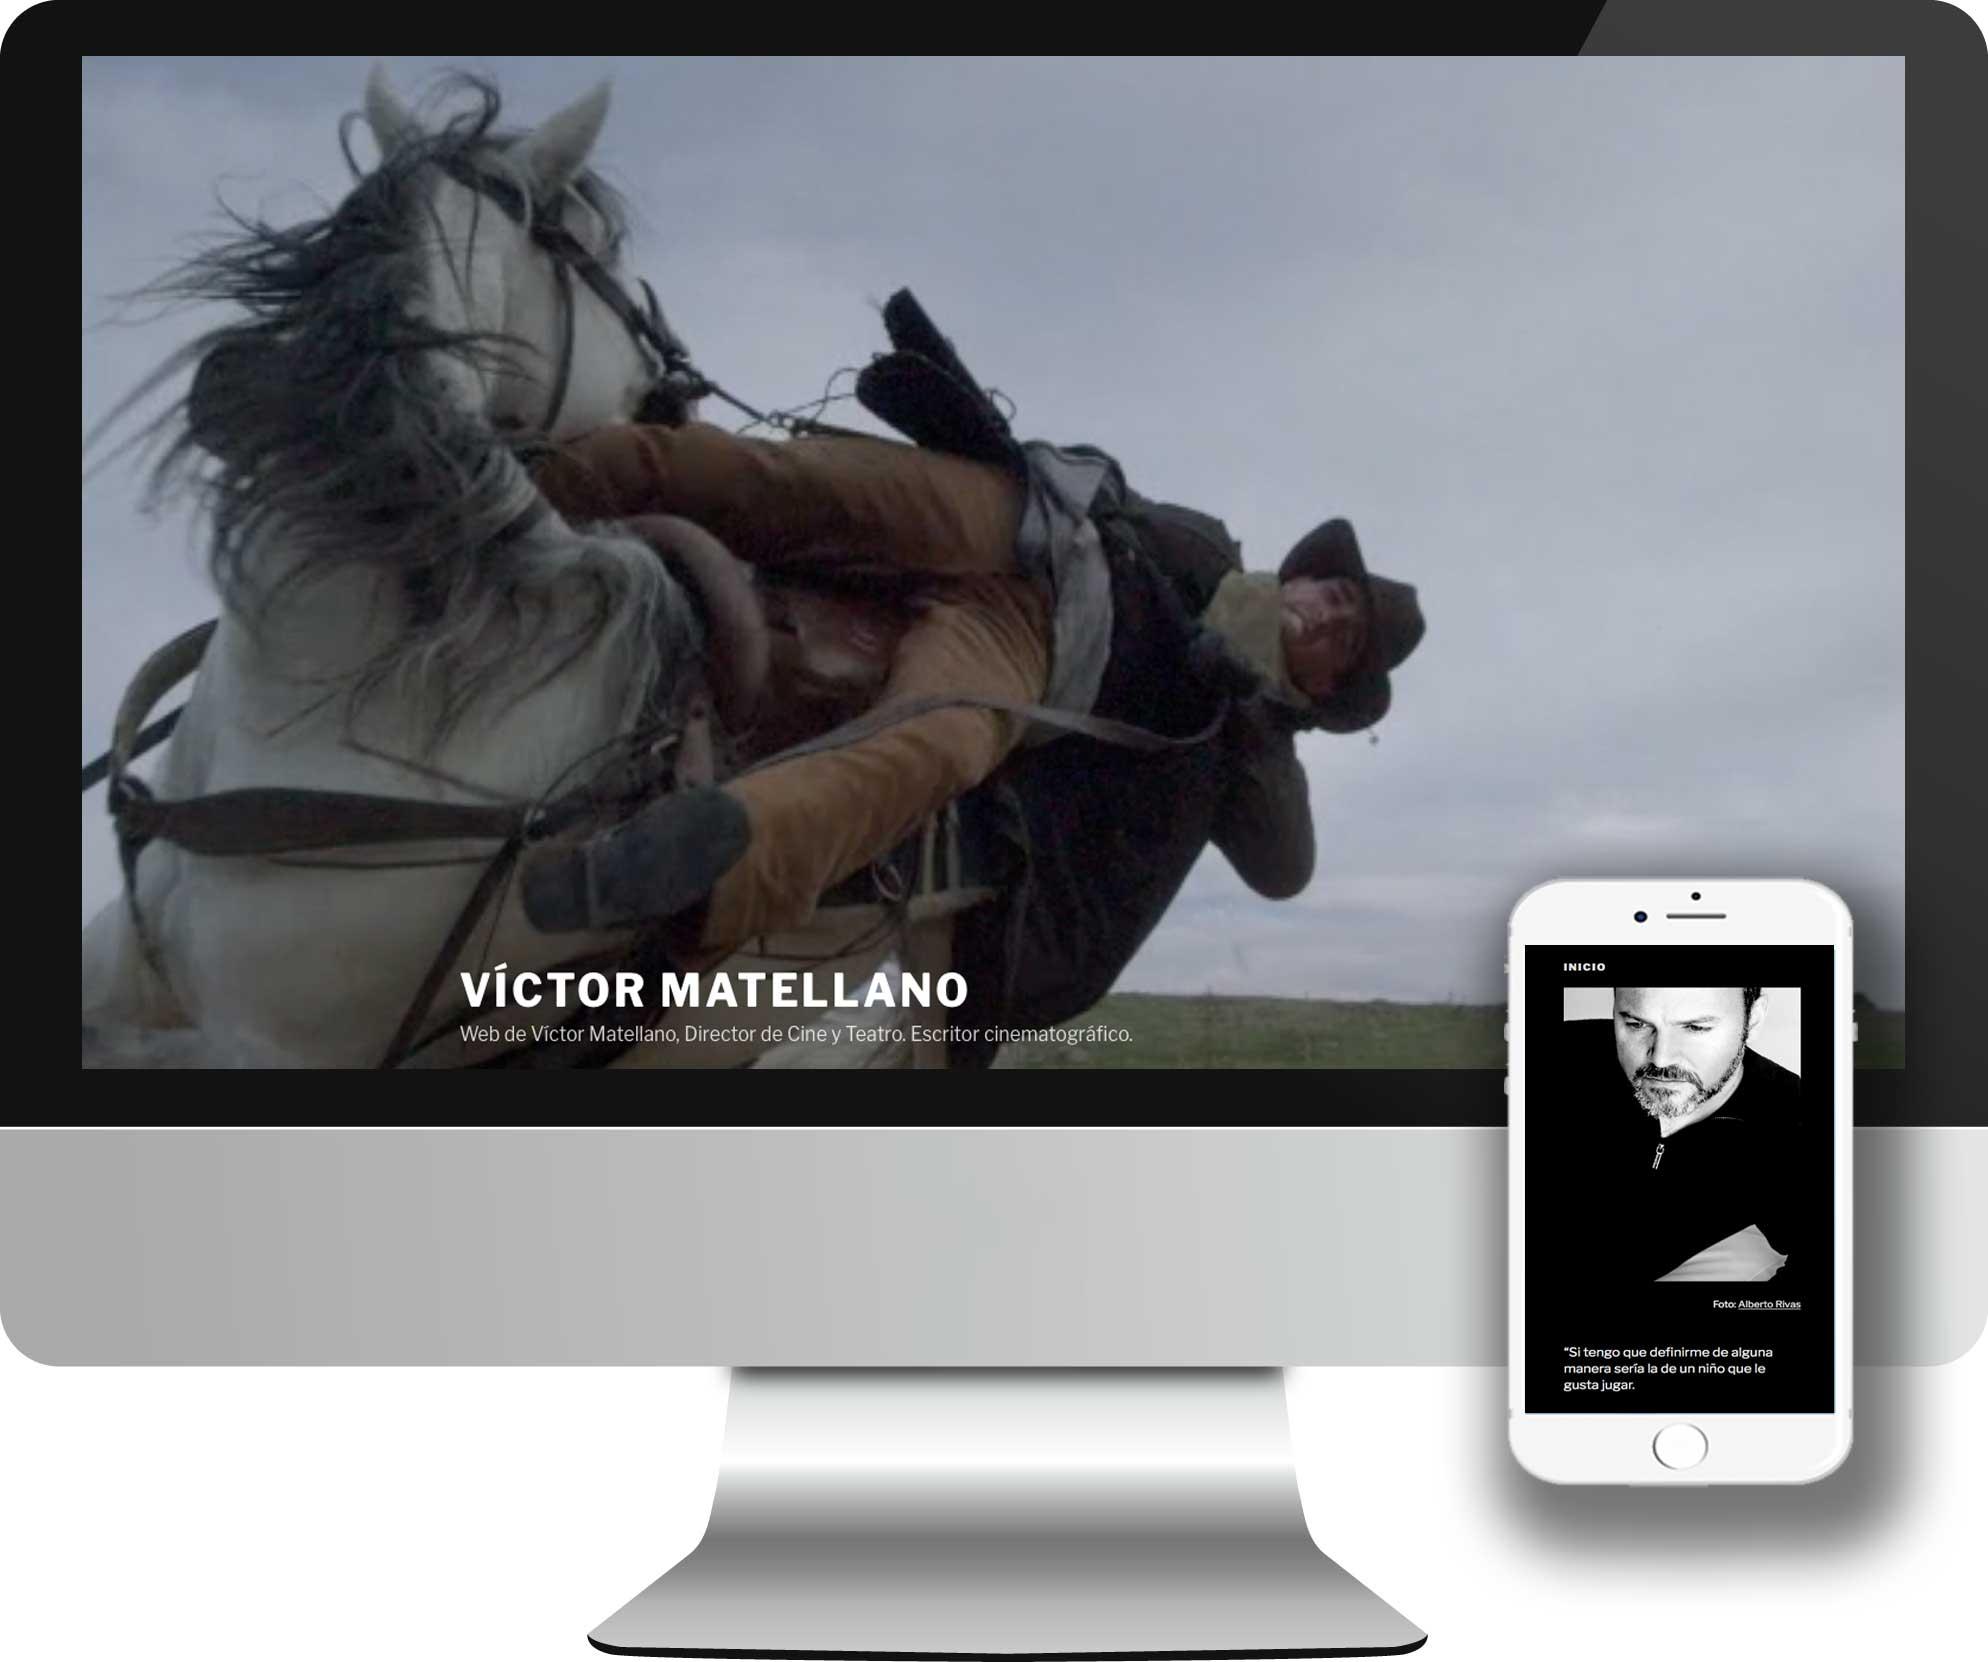 Web oficial del director de cine Víctor Matellano